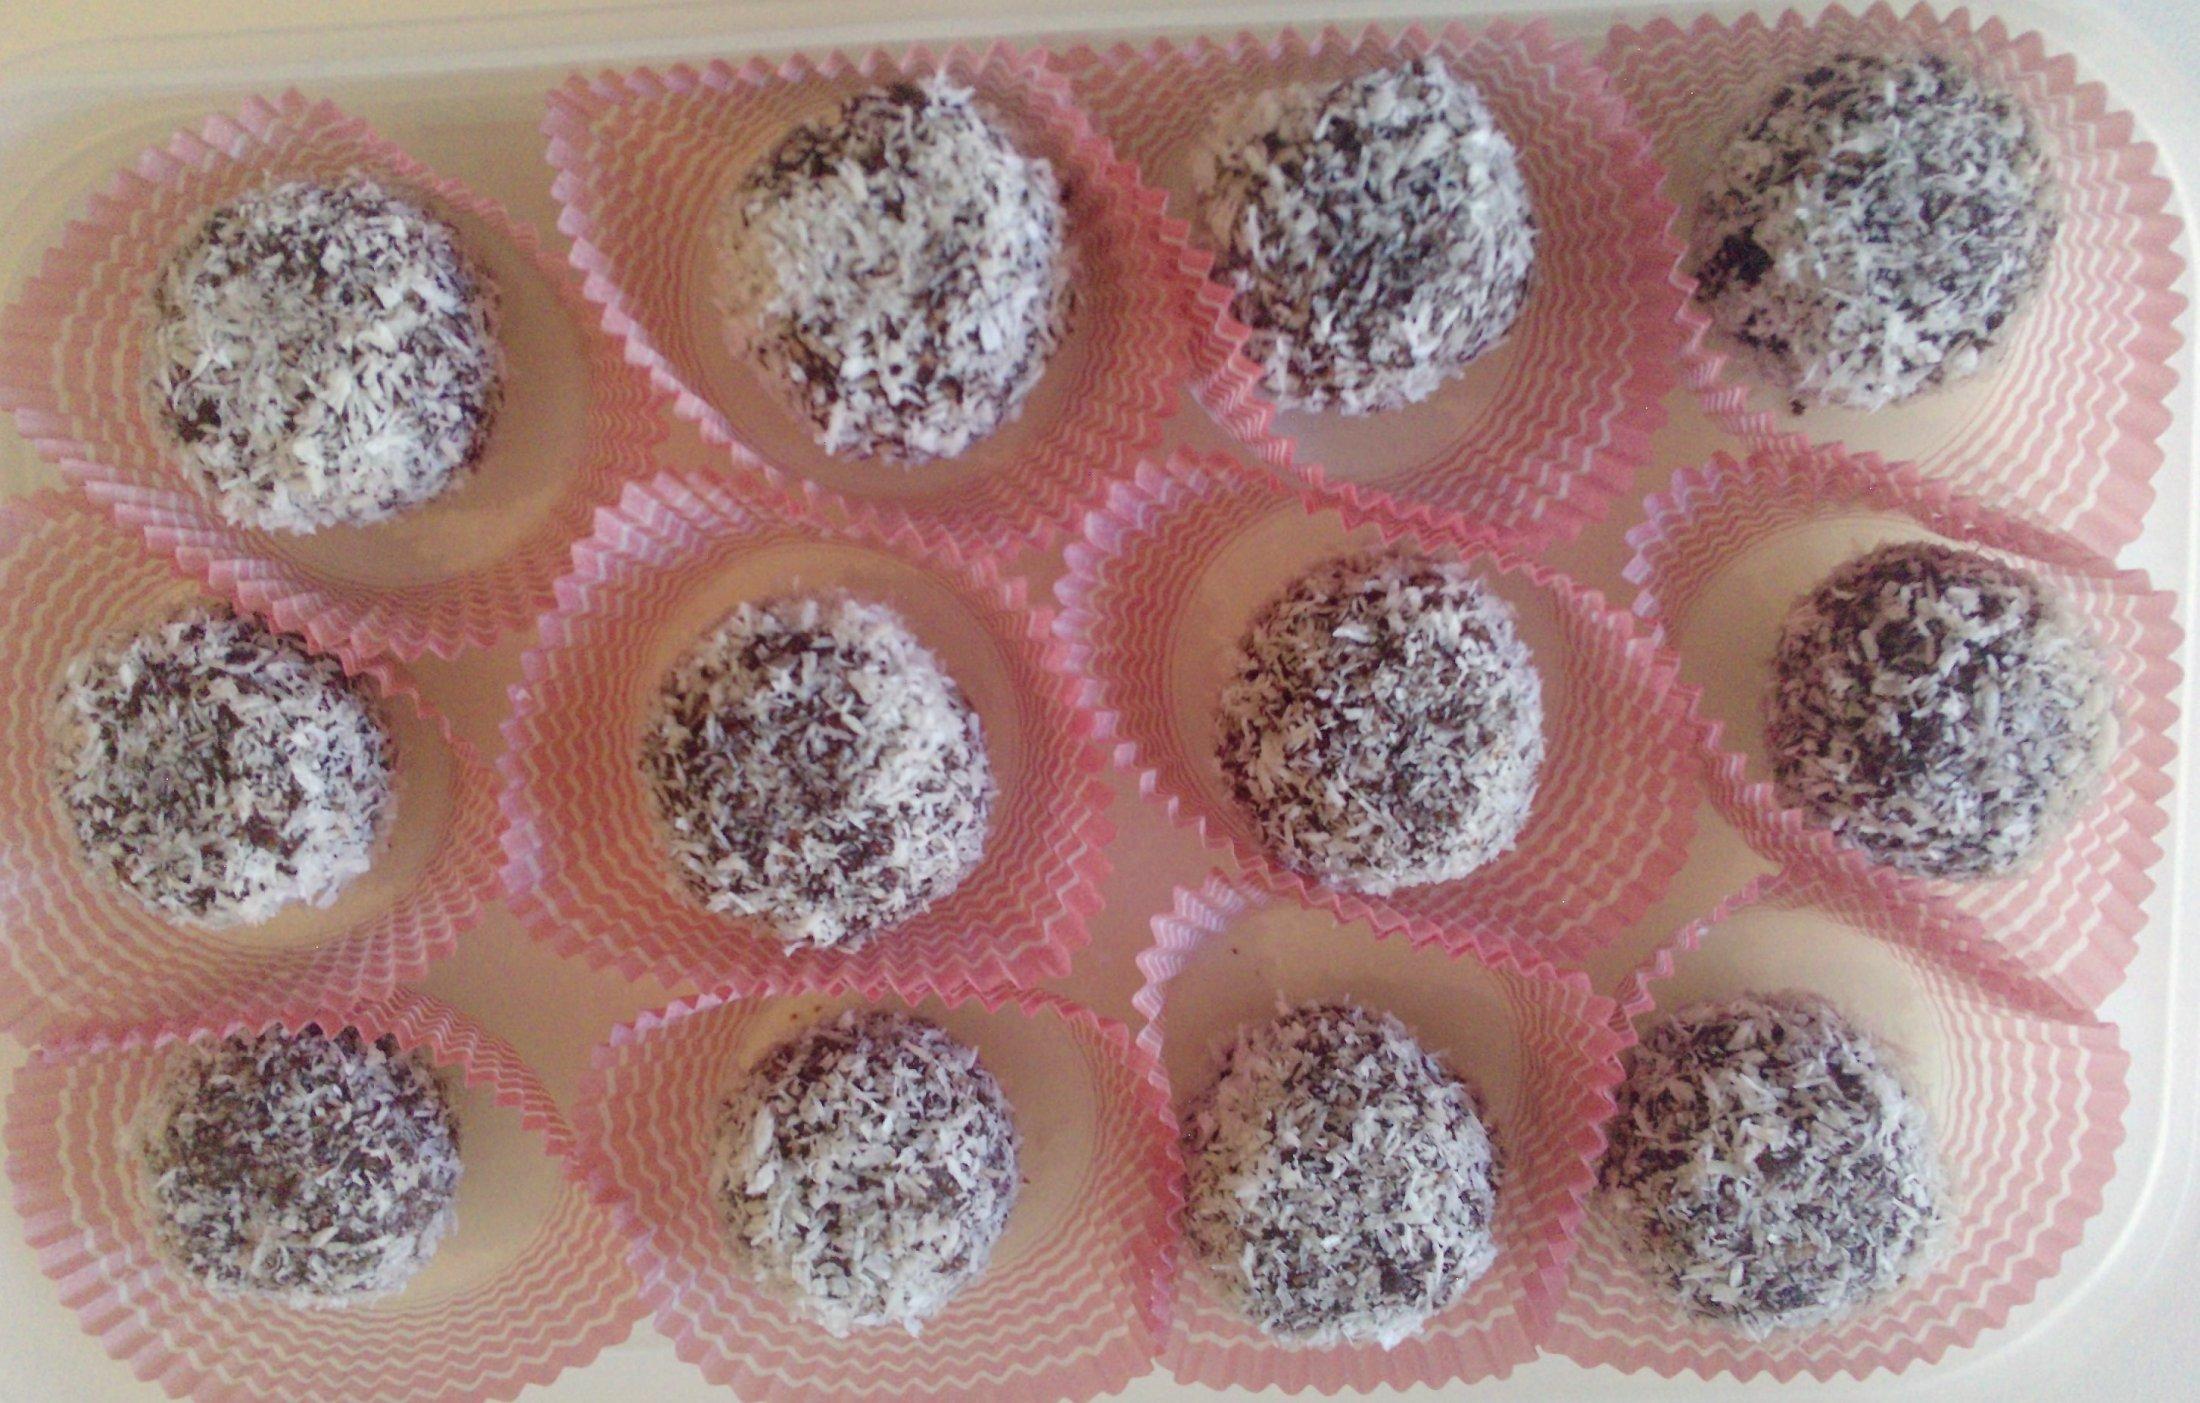 Recept Rumové kuličky v kokosu - Rumové kuličky v kokosu